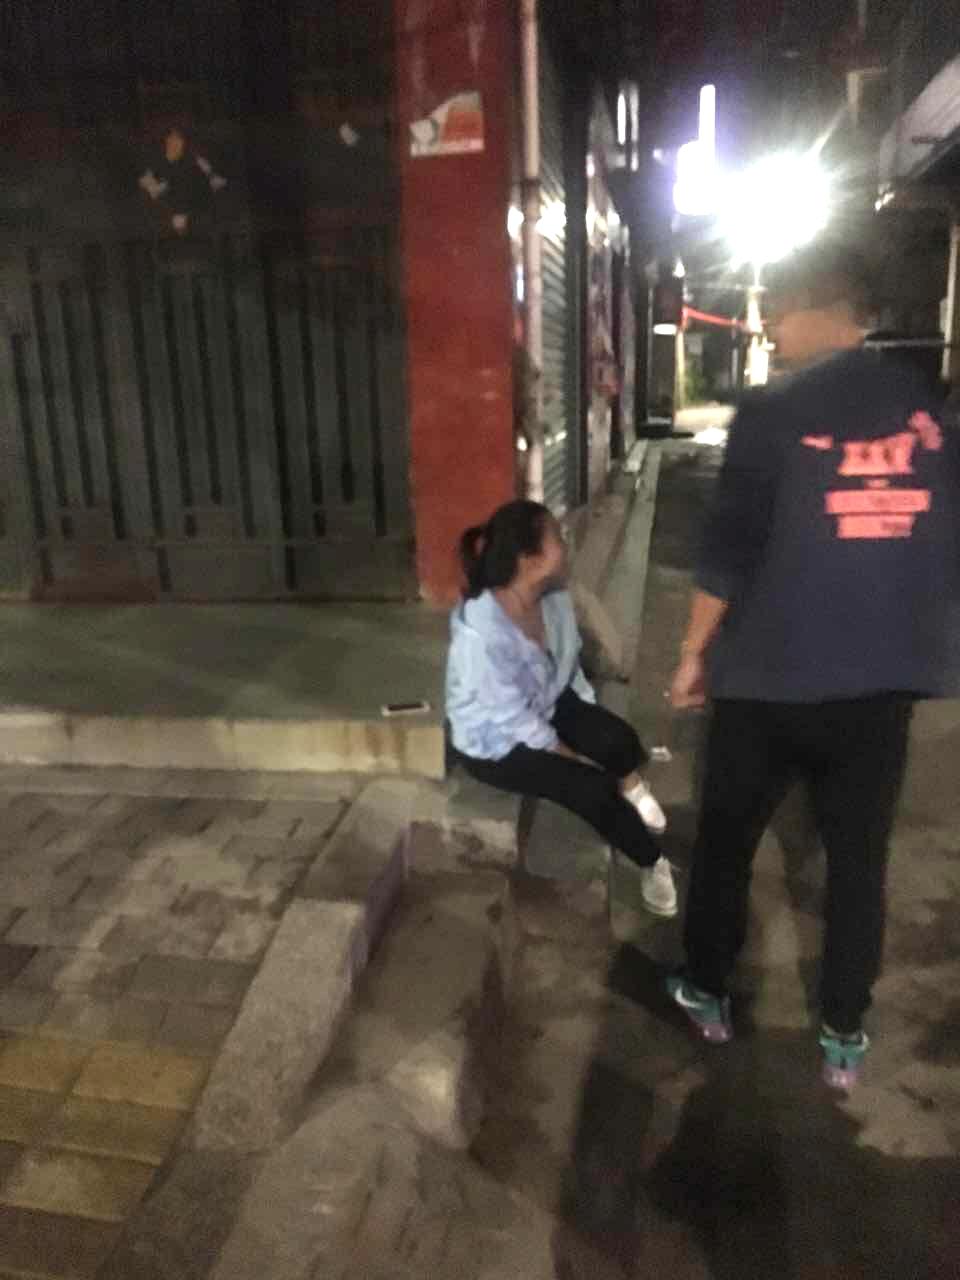 姑娘崴脚无法行走  热心小伙儿背送回家